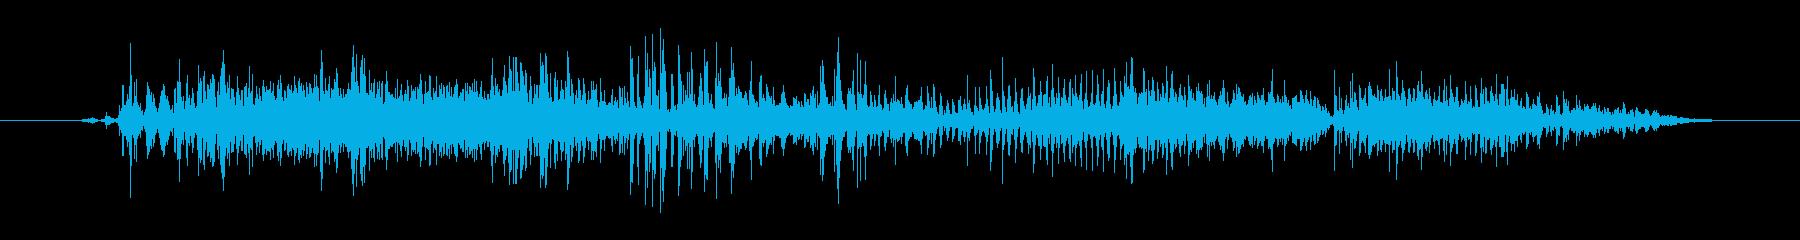 モンスター 窒息ゾンビ06の再生済みの波形